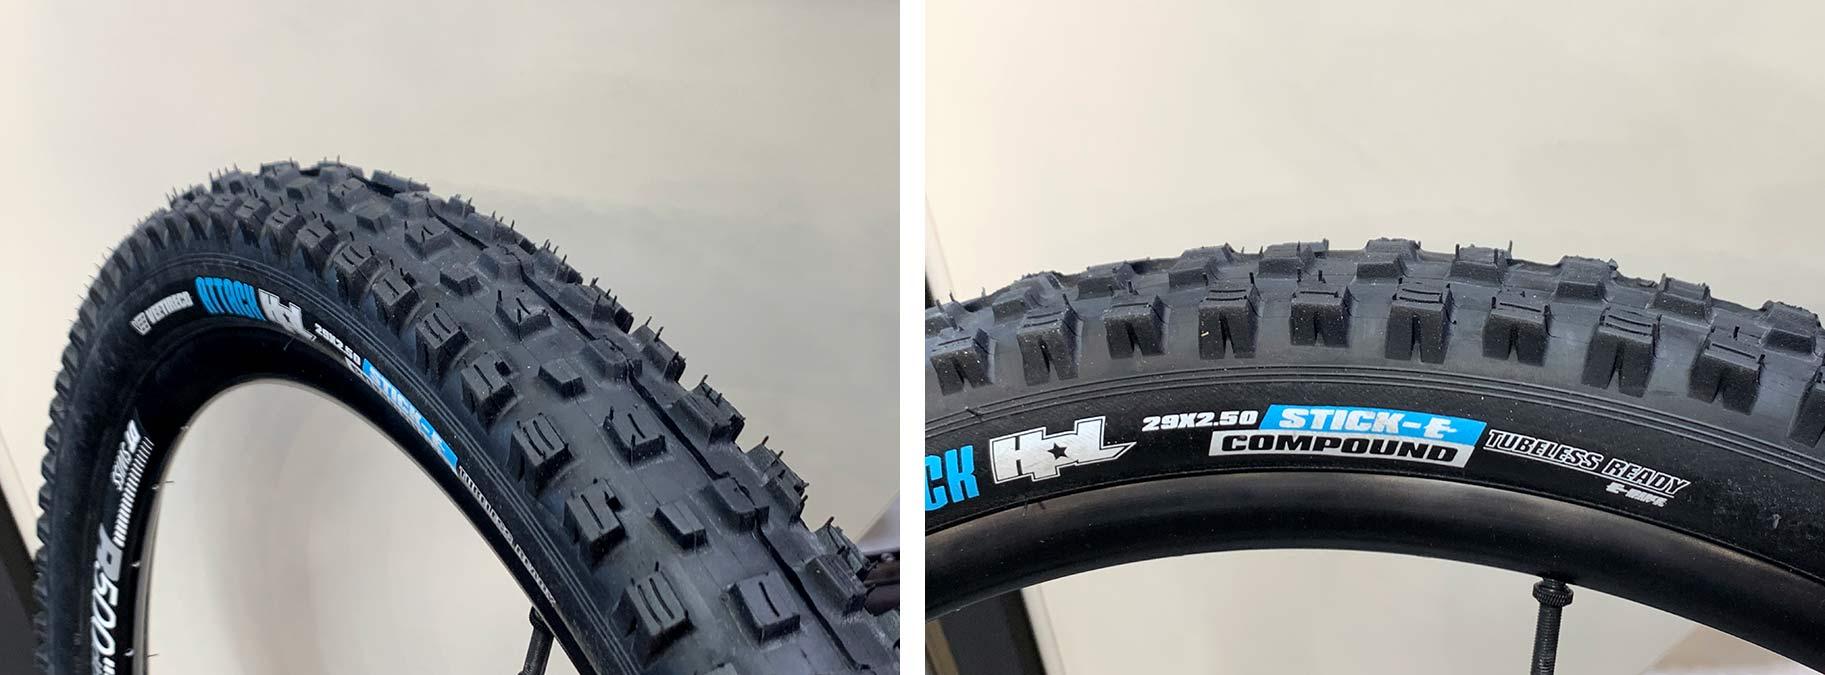 vee tire attack stick-e rubber eMTB tires